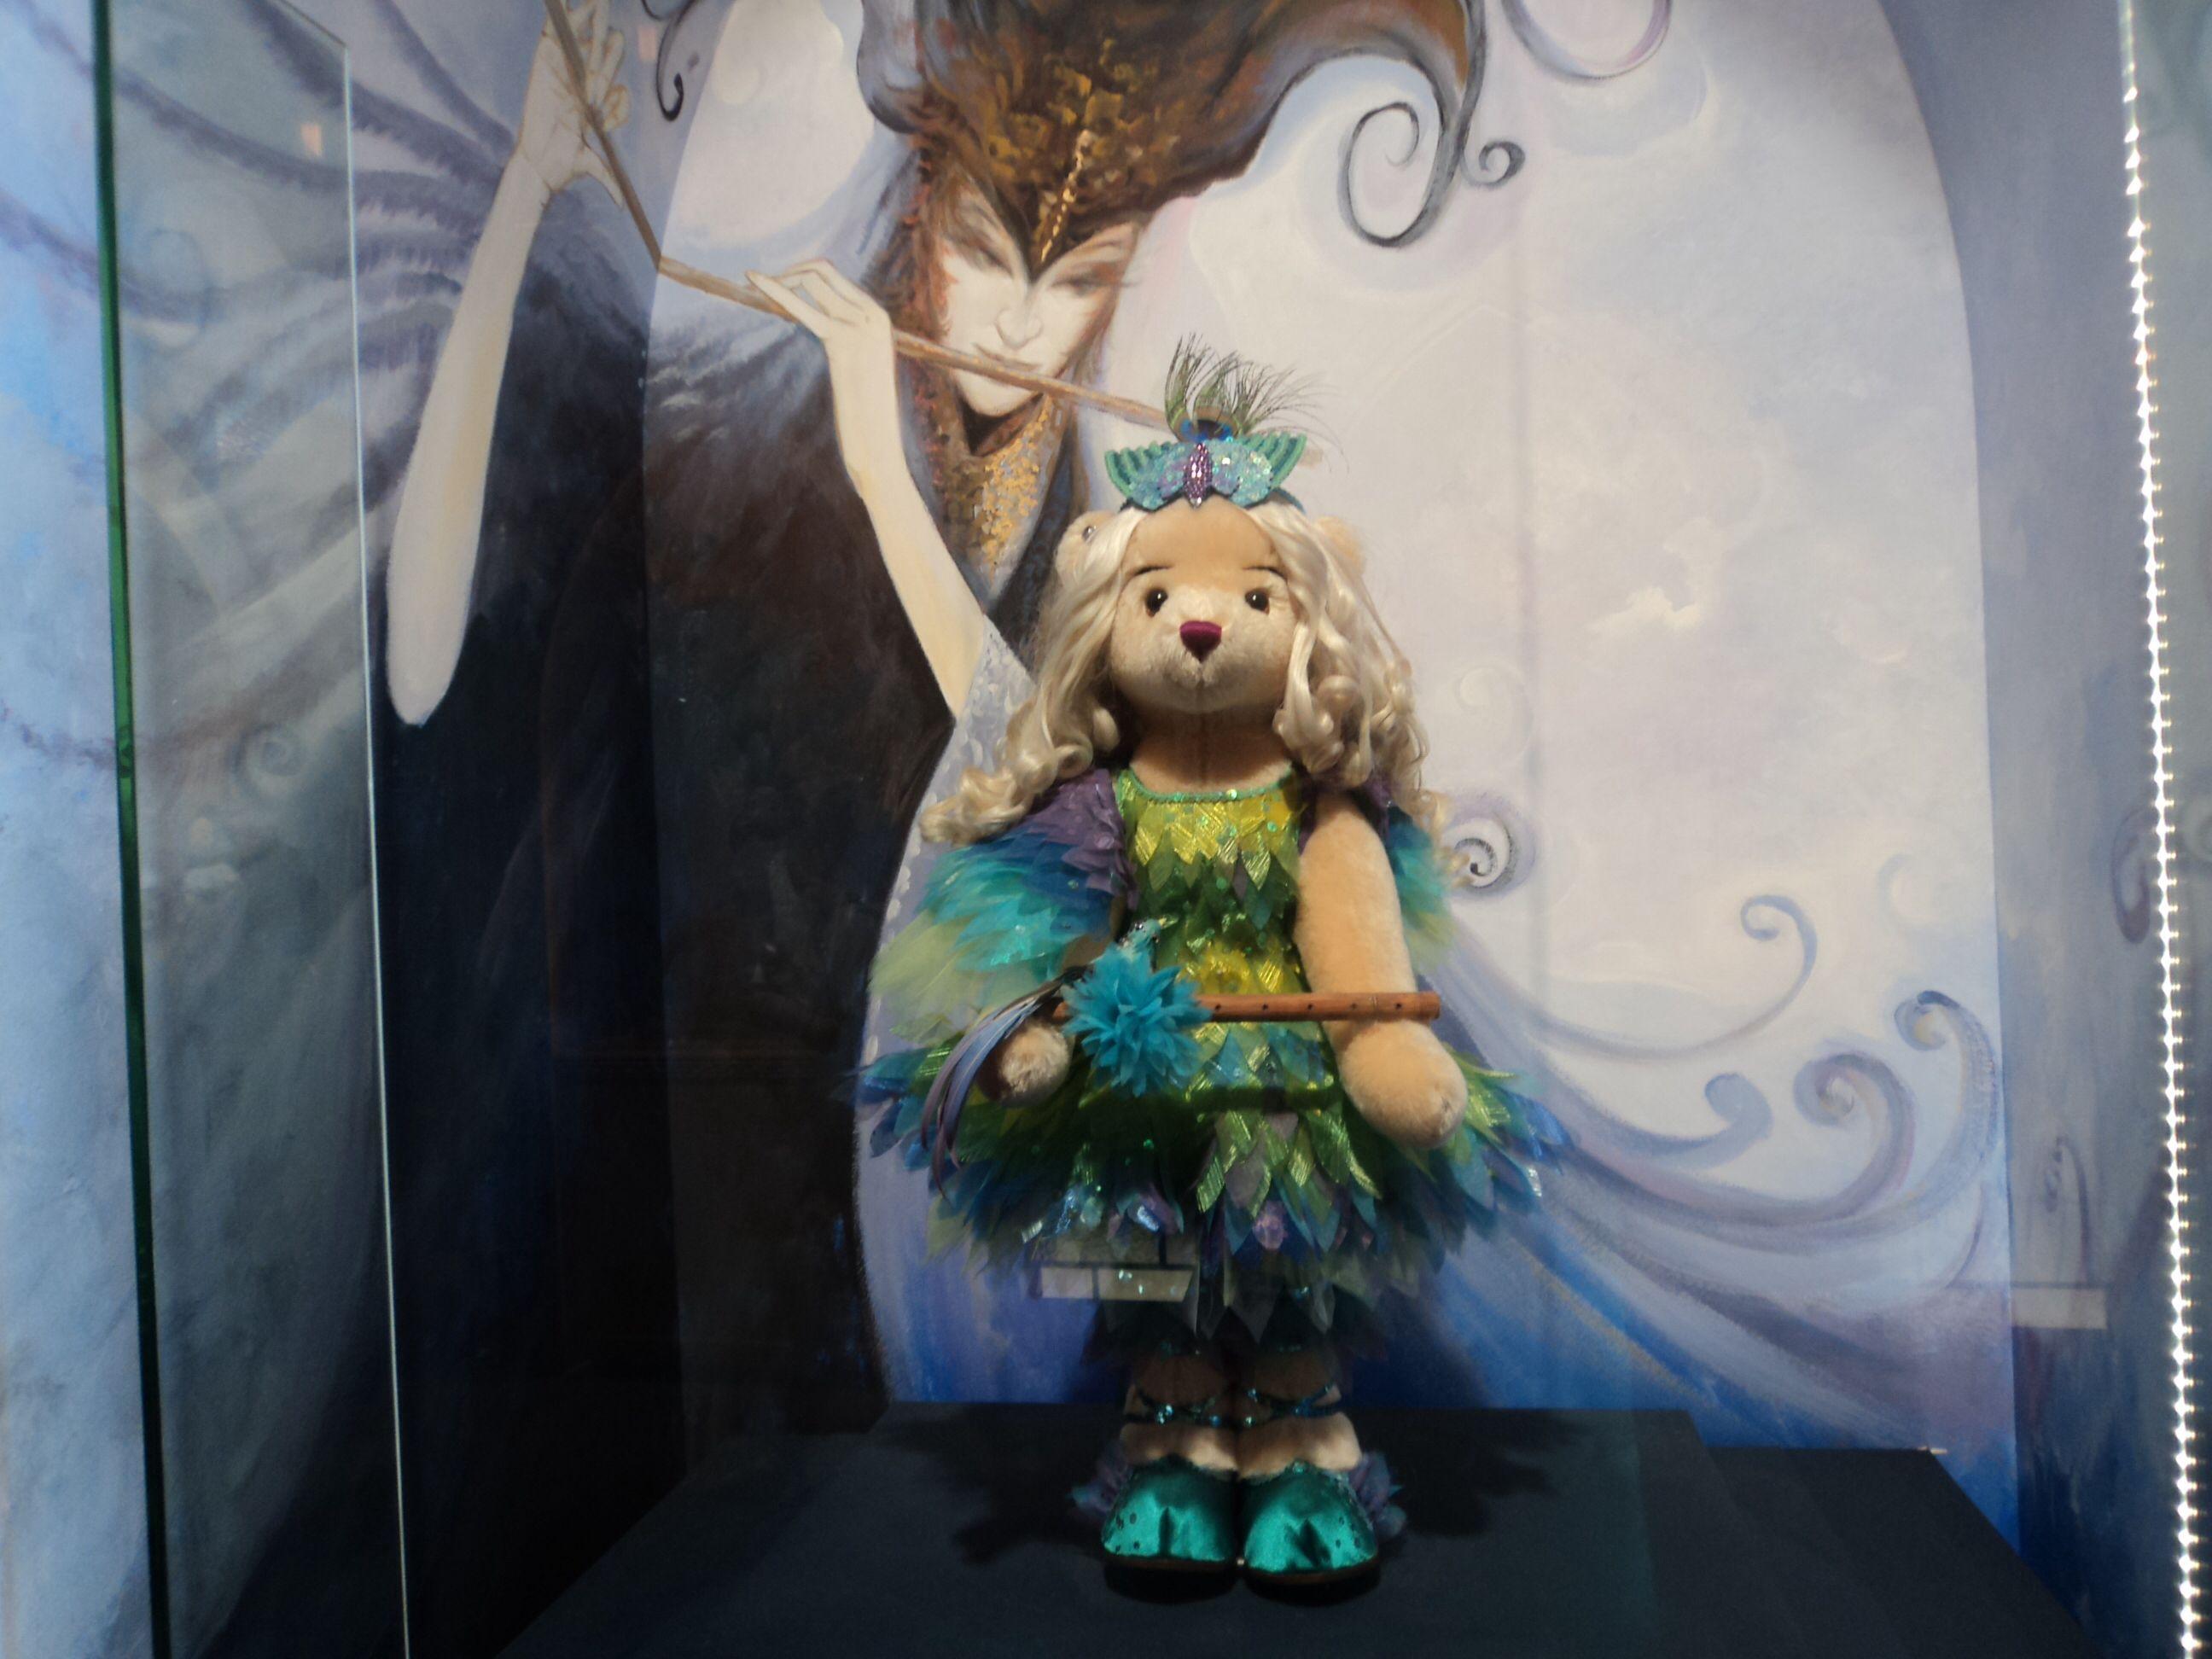 【泰迪熊博物馆】嘿,泰迪熊仙女